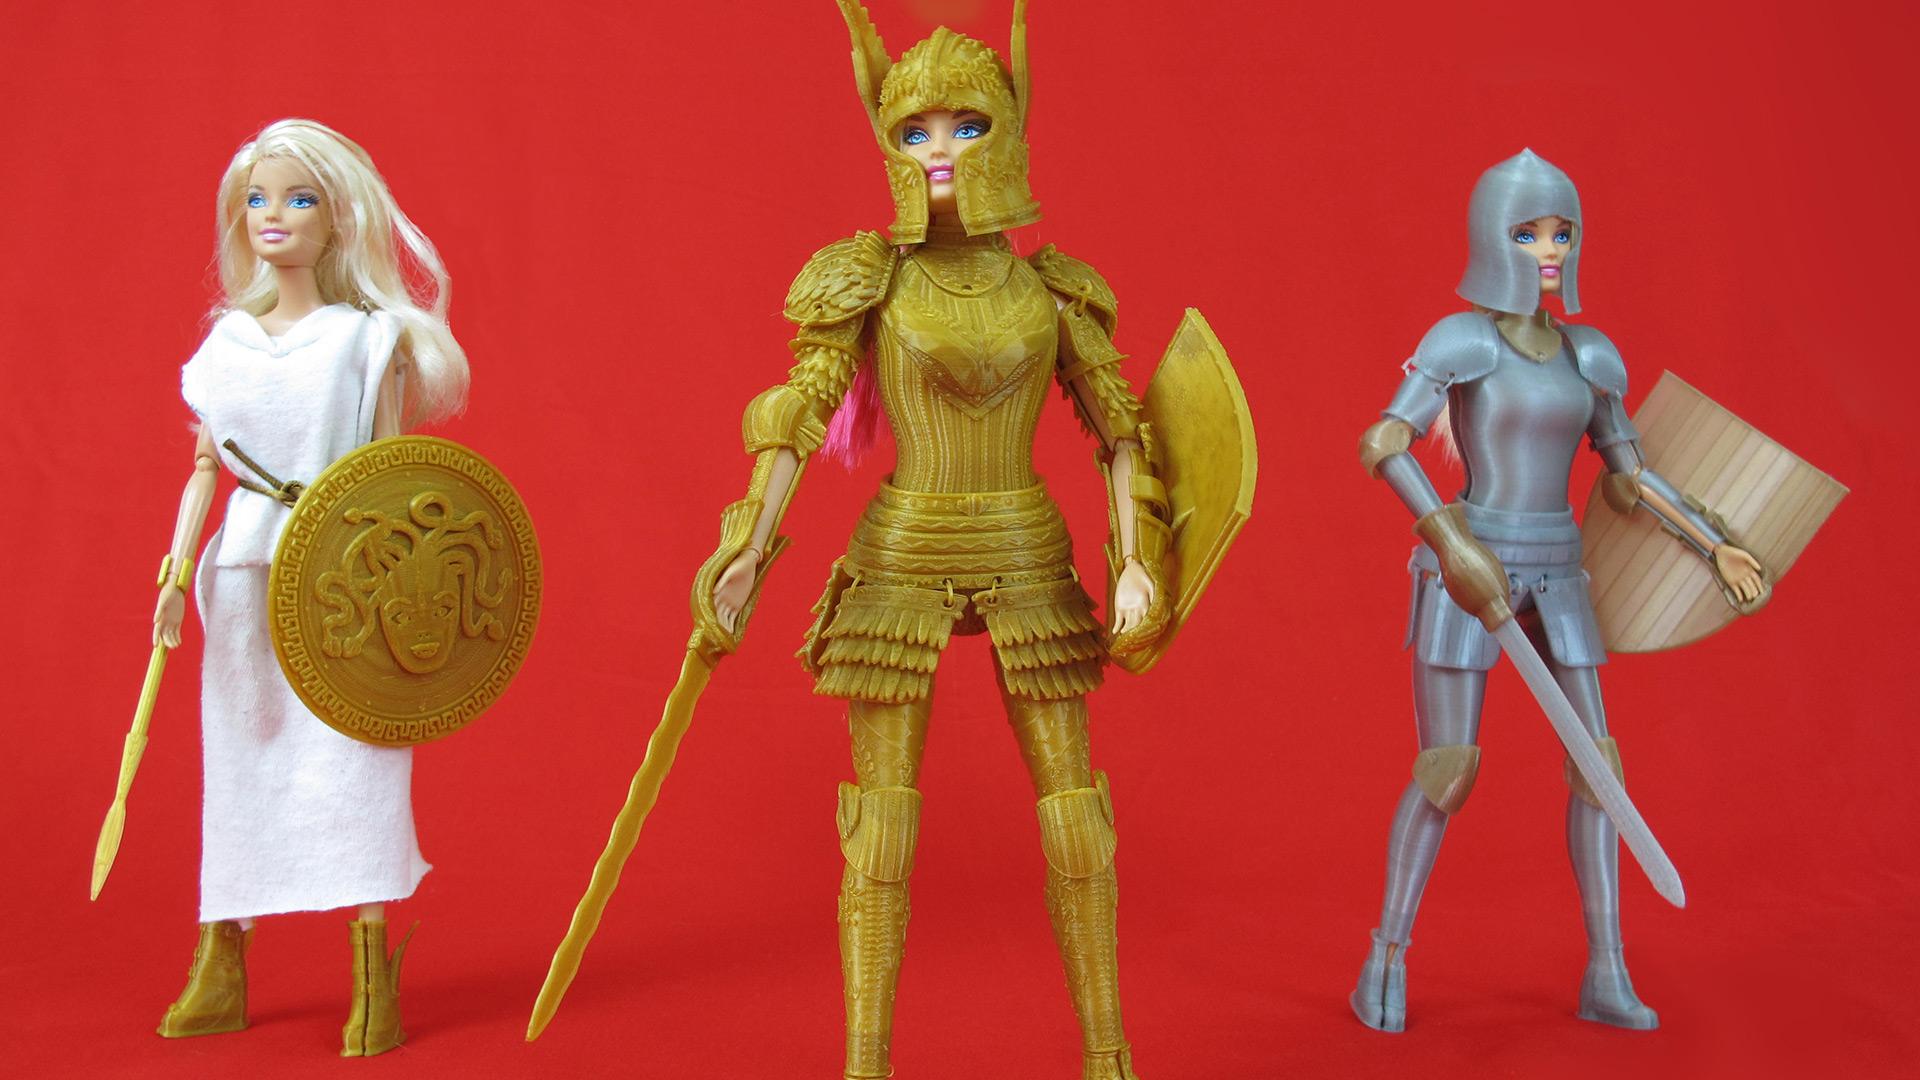 Barbie armored trio | Sheknows.com